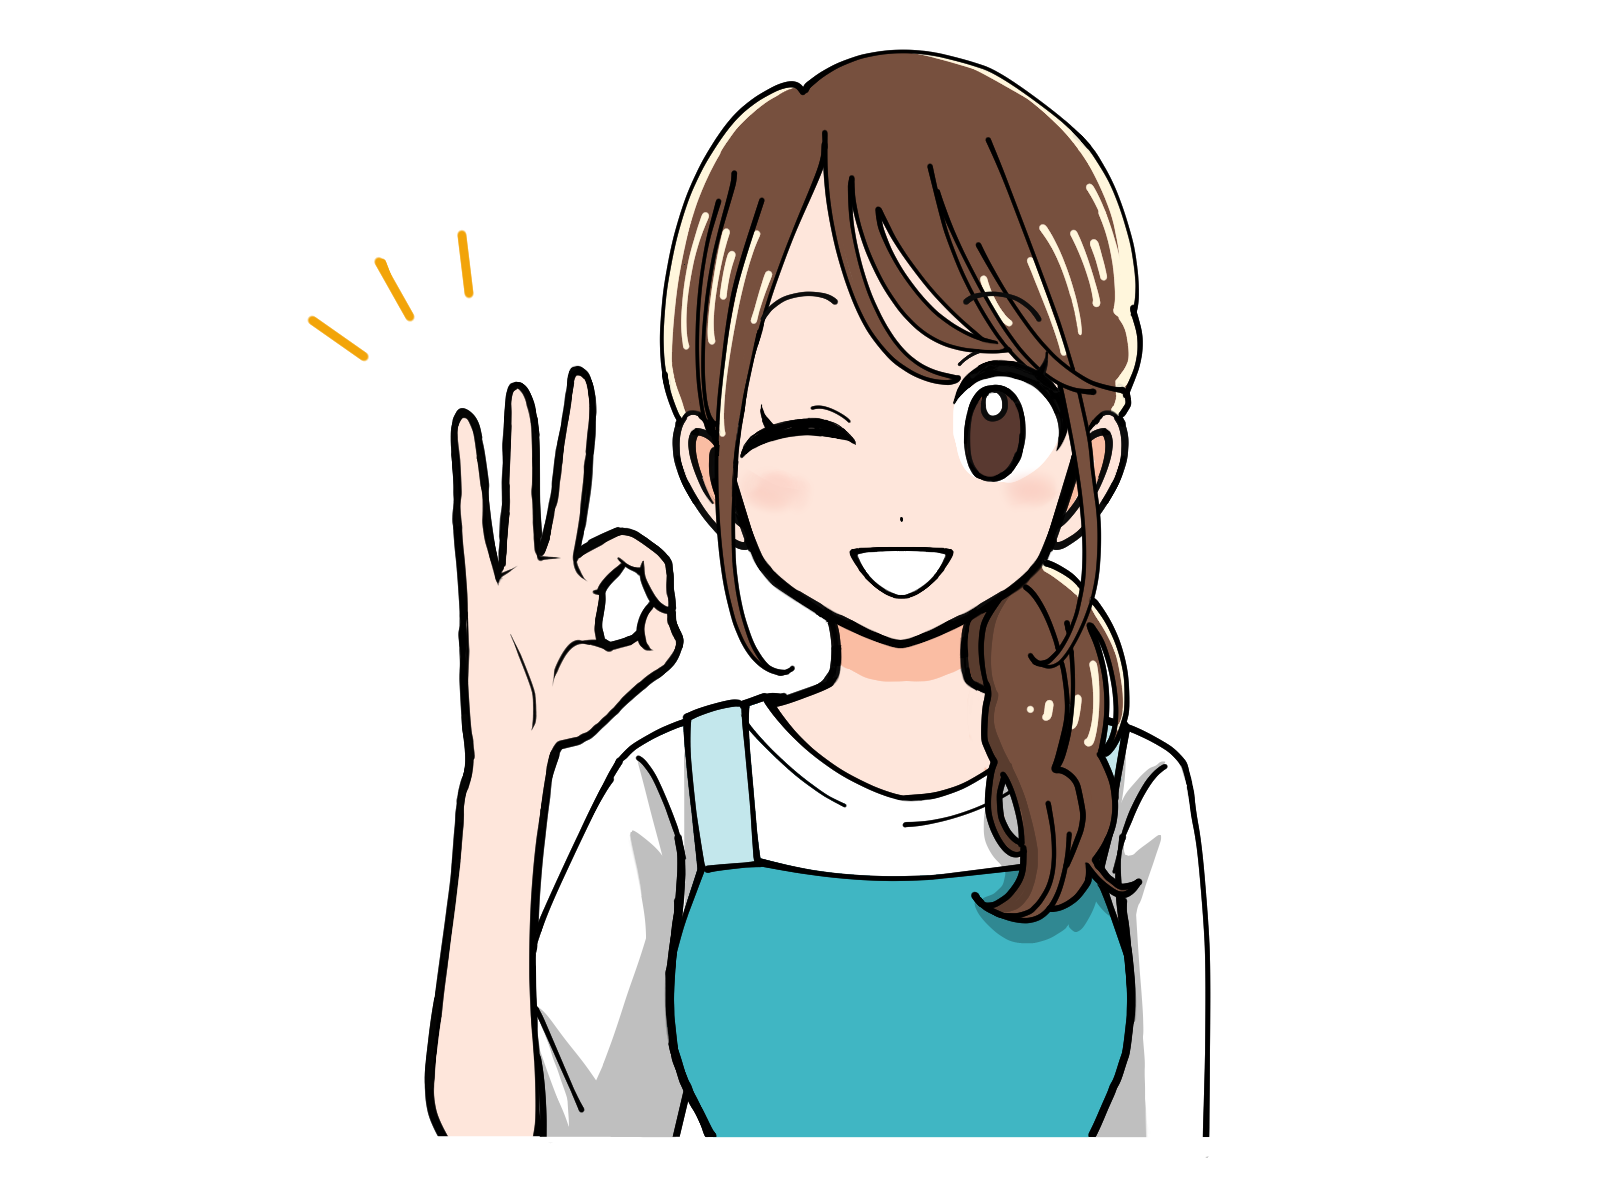 【オノマトペ】ばっちりの意味と例文